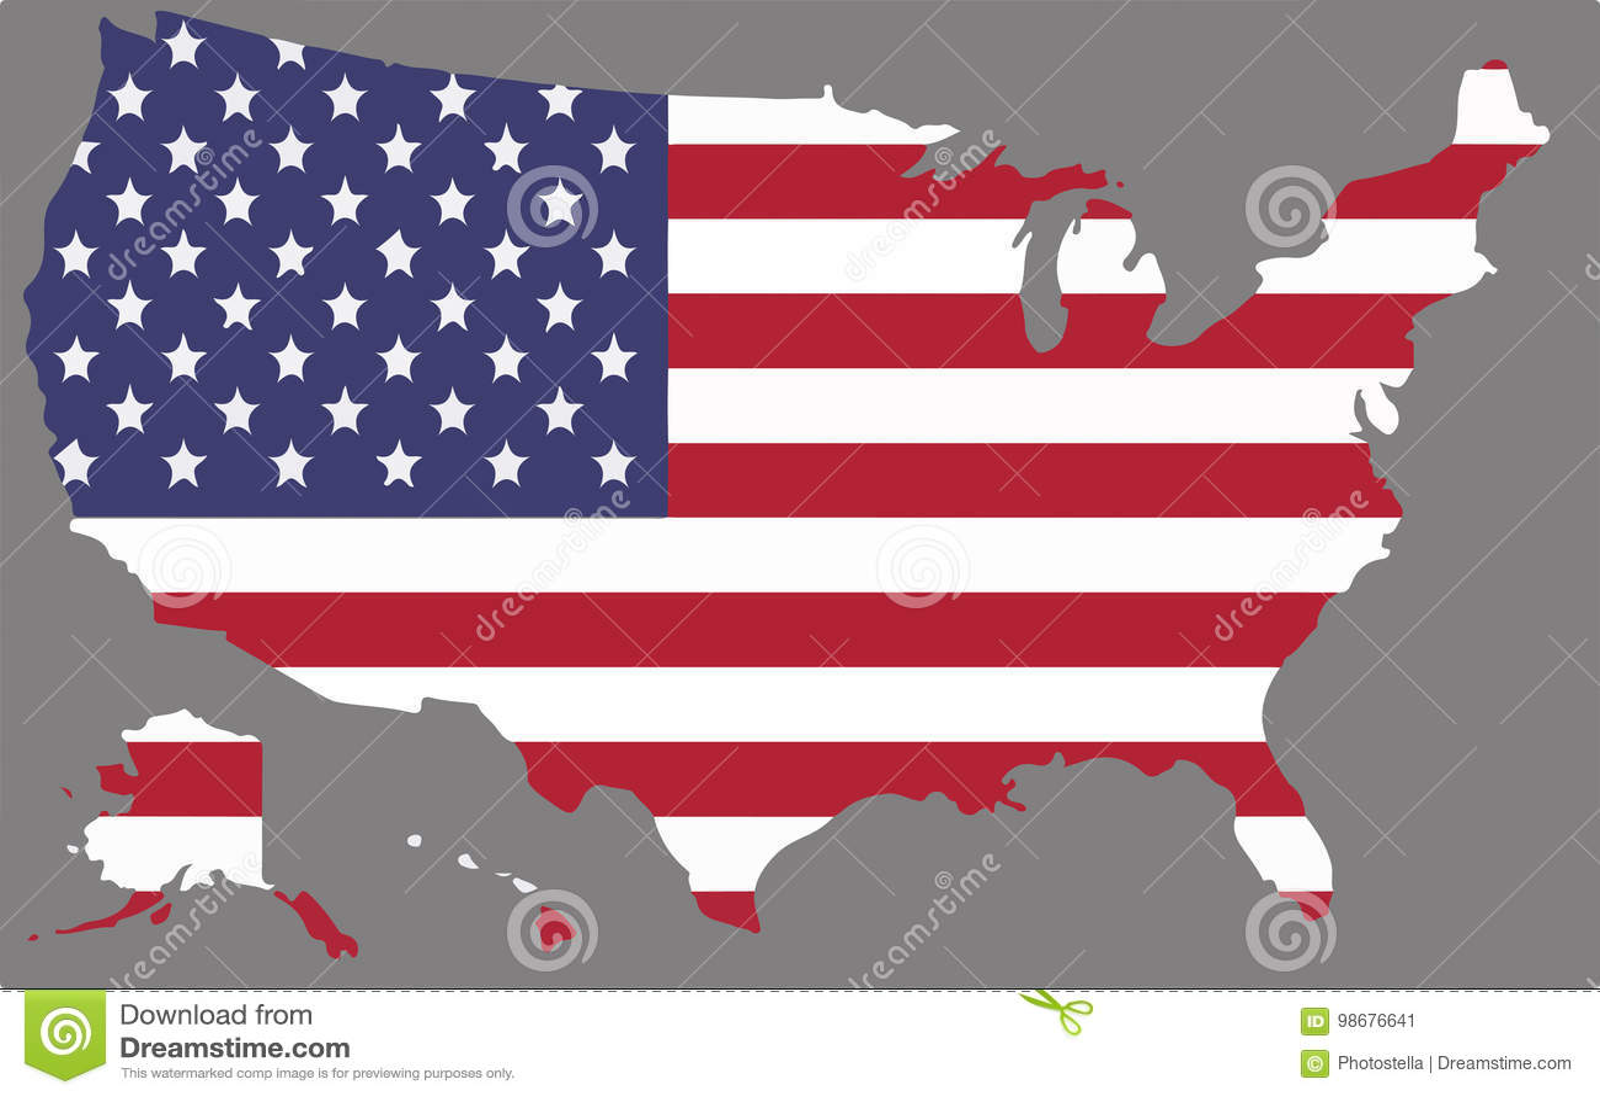 Stany Zjednoczone mapy wektor z flaga amerykańską